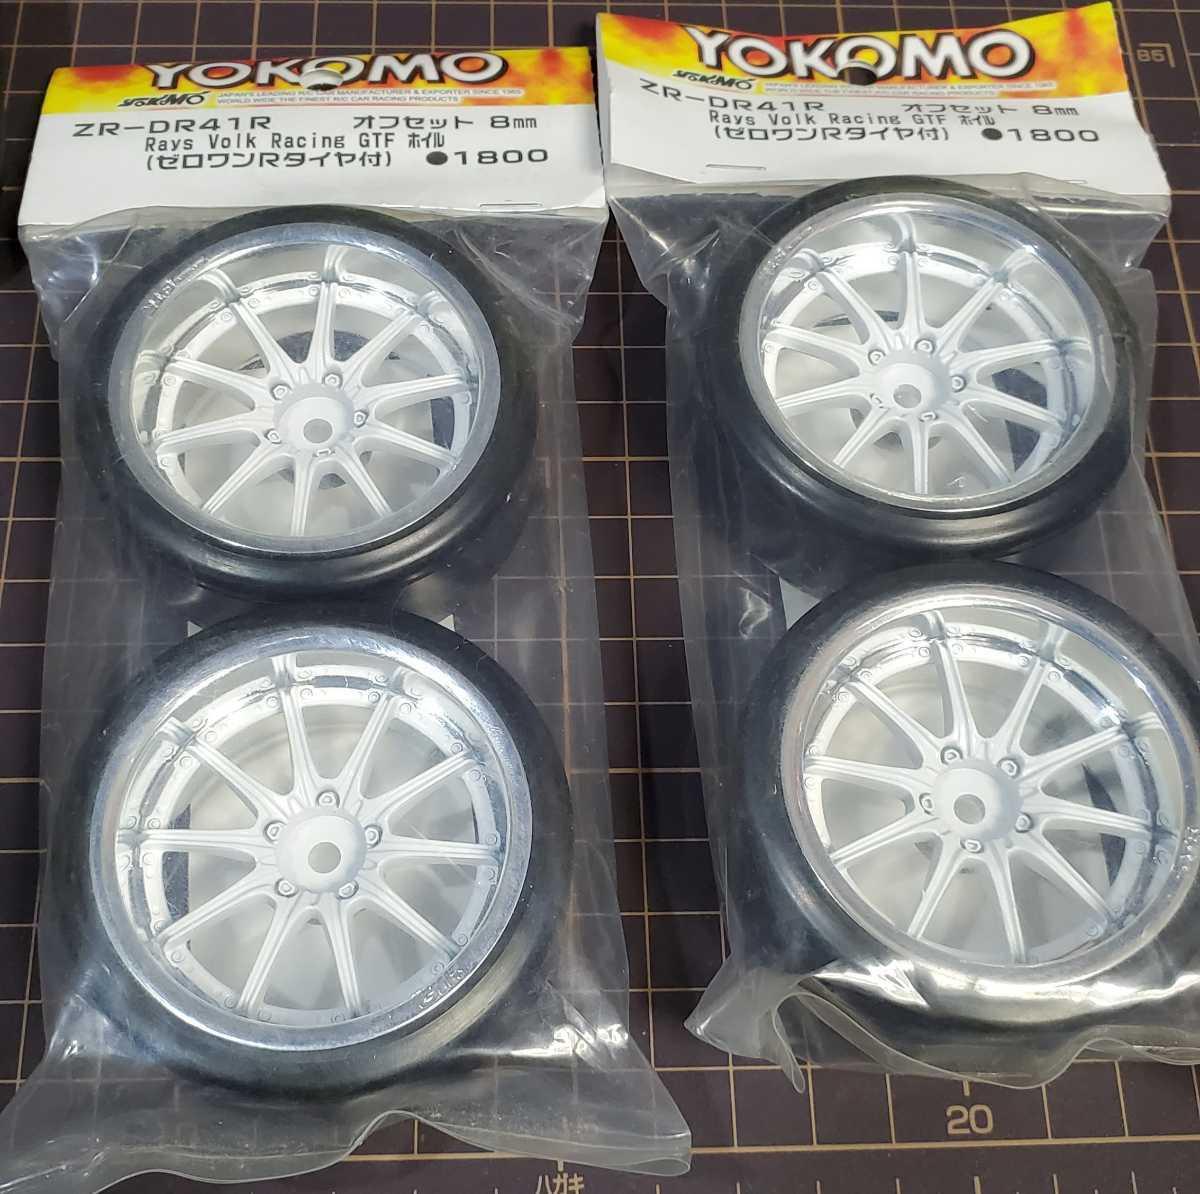 【送料込み・即決】ヨコモ ドリフト用 タイヤ・ホイール RAYS VOLK RACING ゼロワンRタイヤ付き (OFF+8) 未開封品